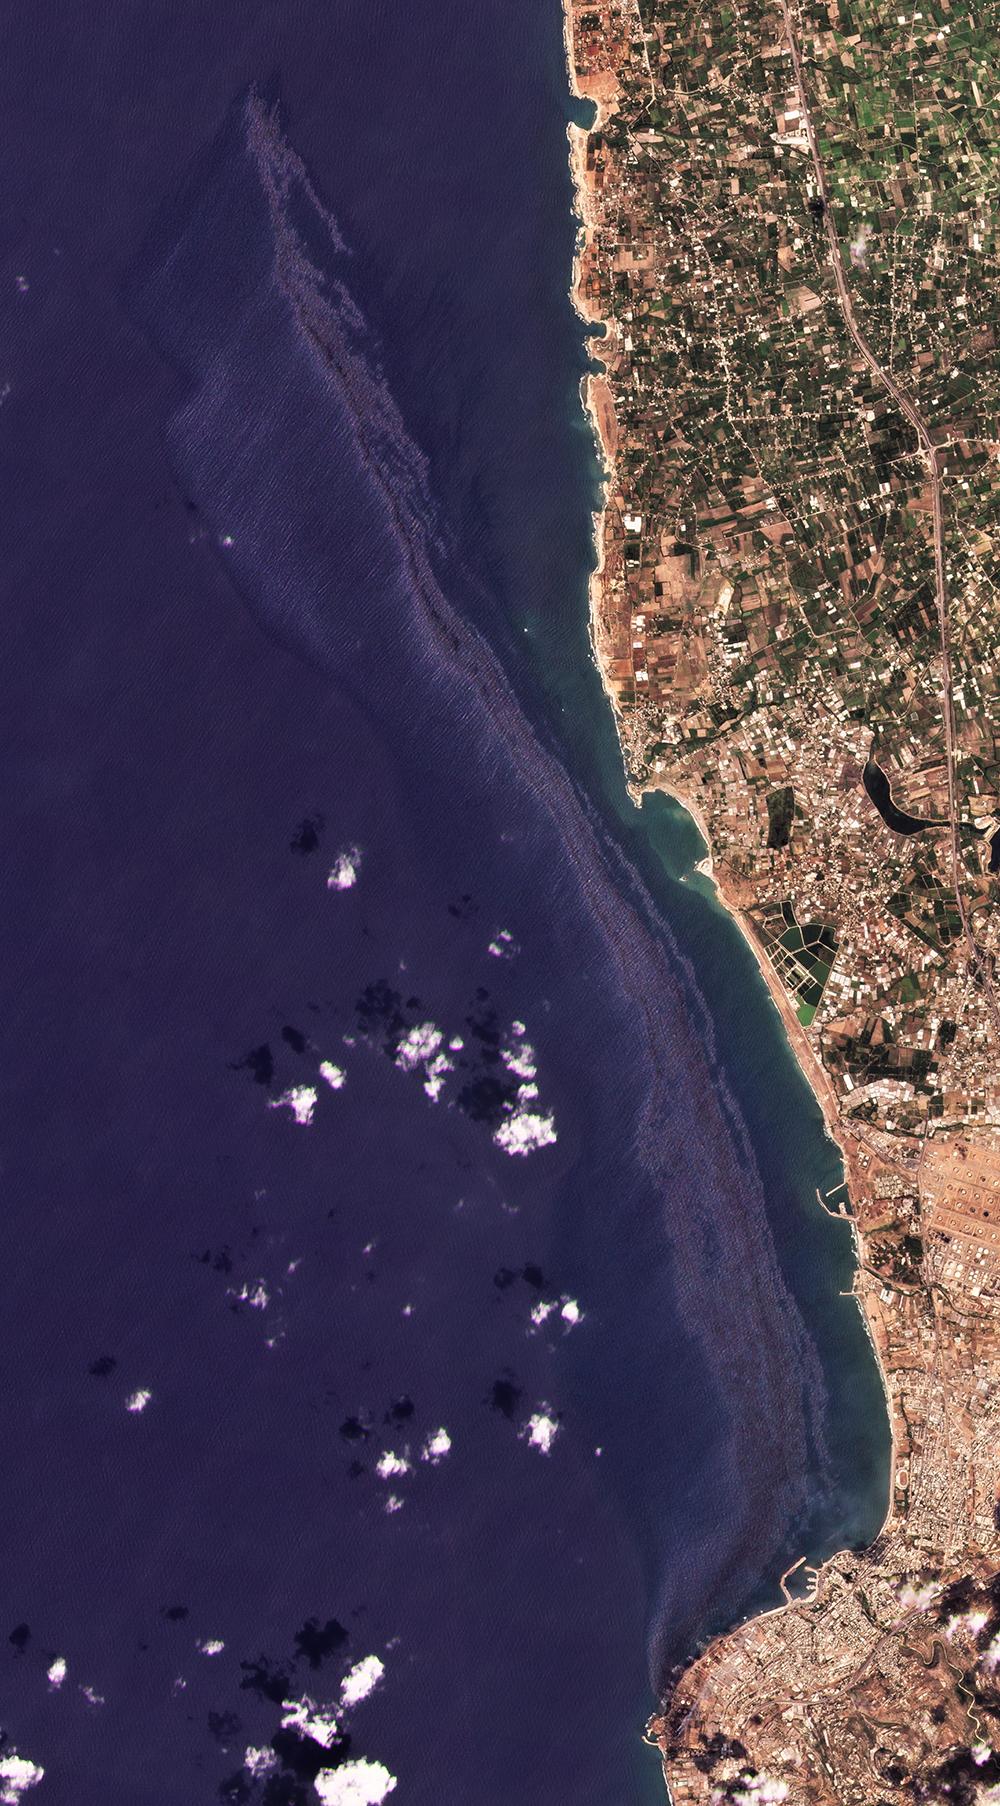 當地時間2021年9月1日,敘利亞最大煉油廠的石油泄漏正在擴大,并向整個地中海蔓延,當日油污抵達塞浦路斯的塞浦路斯島。